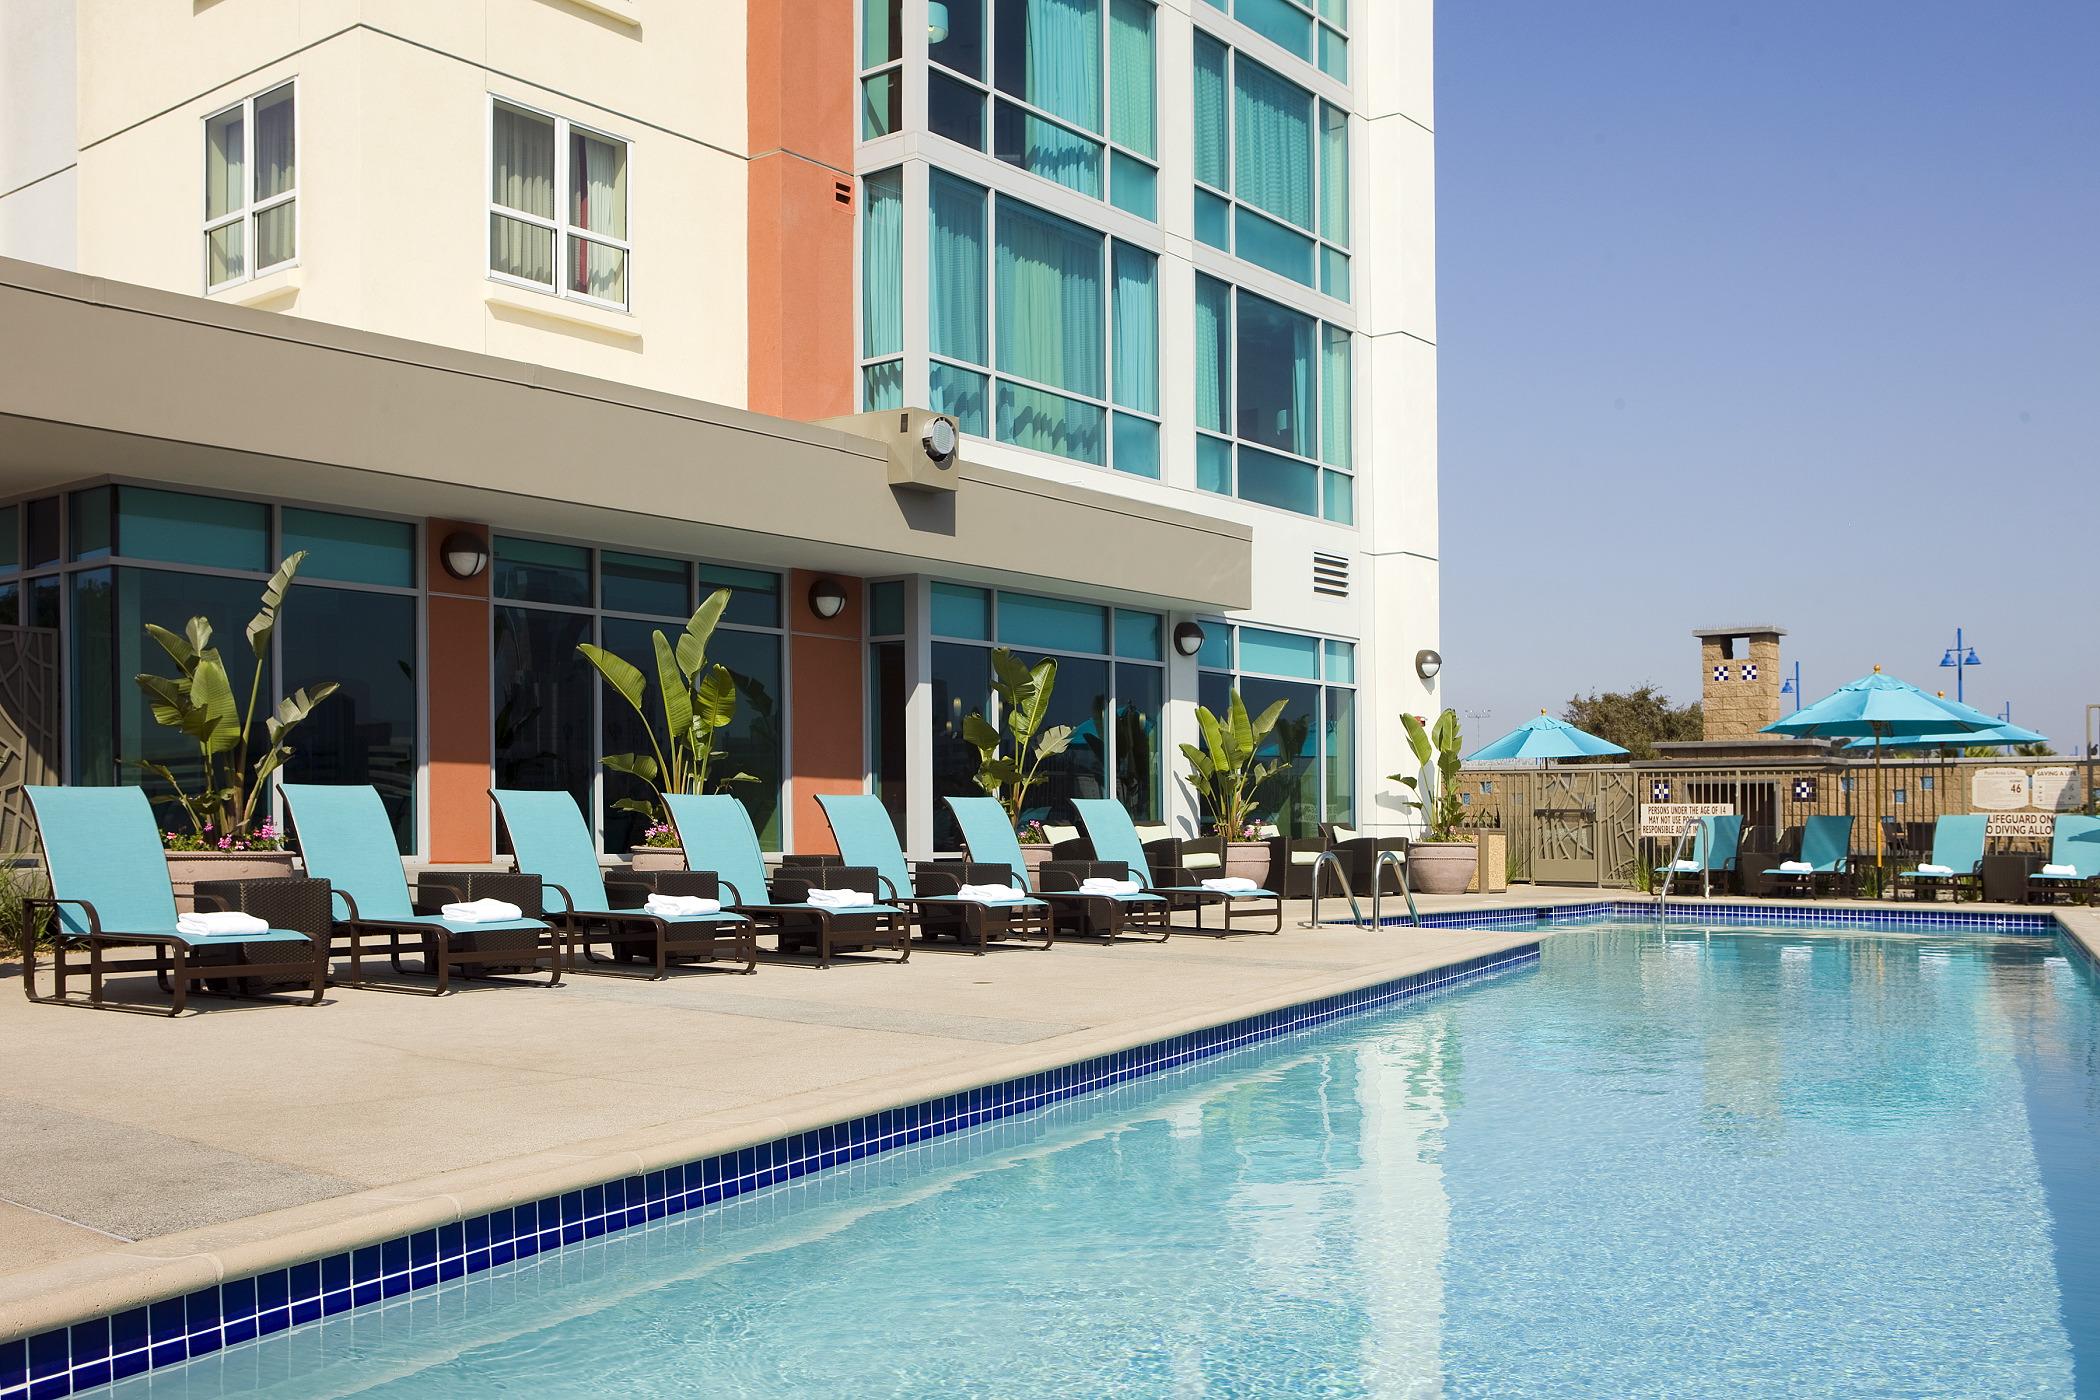 Residence Inn Pool